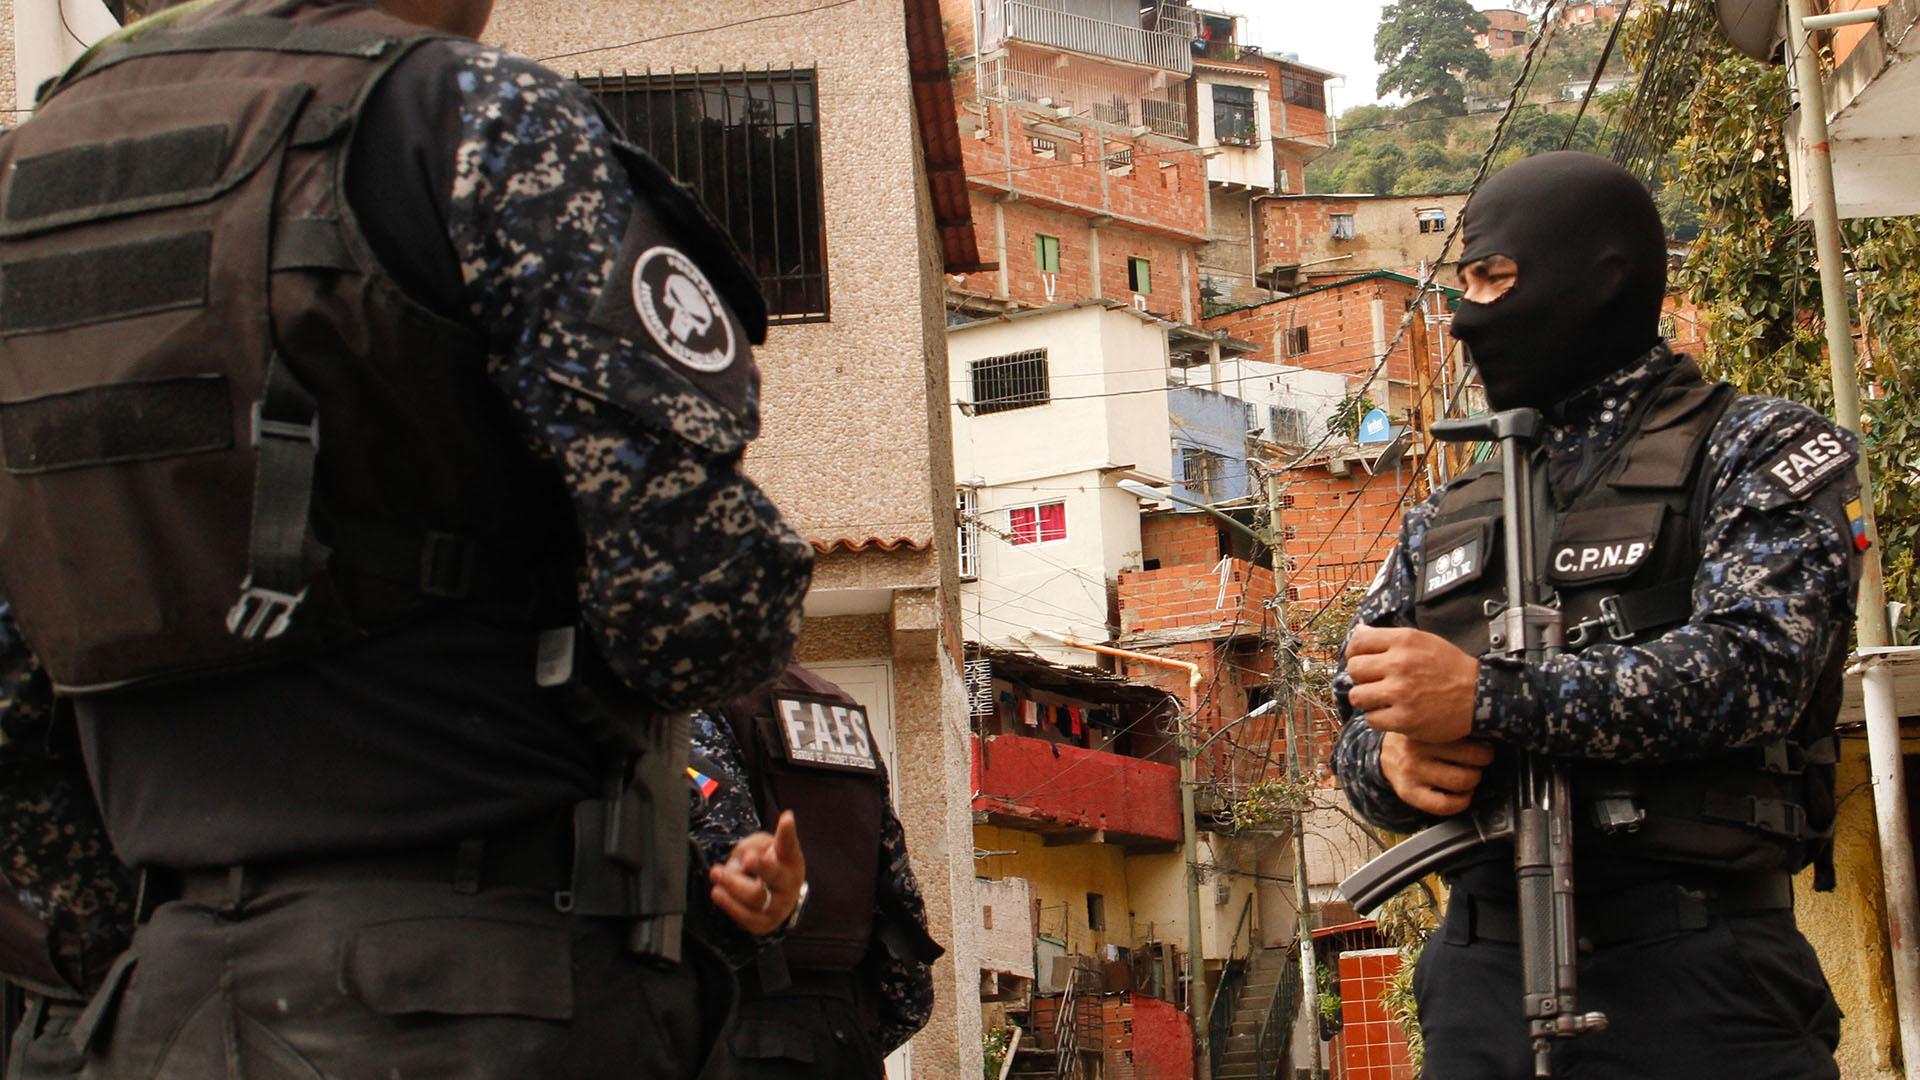 Acceso a la Justicia: En junio de 2020 podrían haber imputaciones específicas si CPI avanza en Venezuela